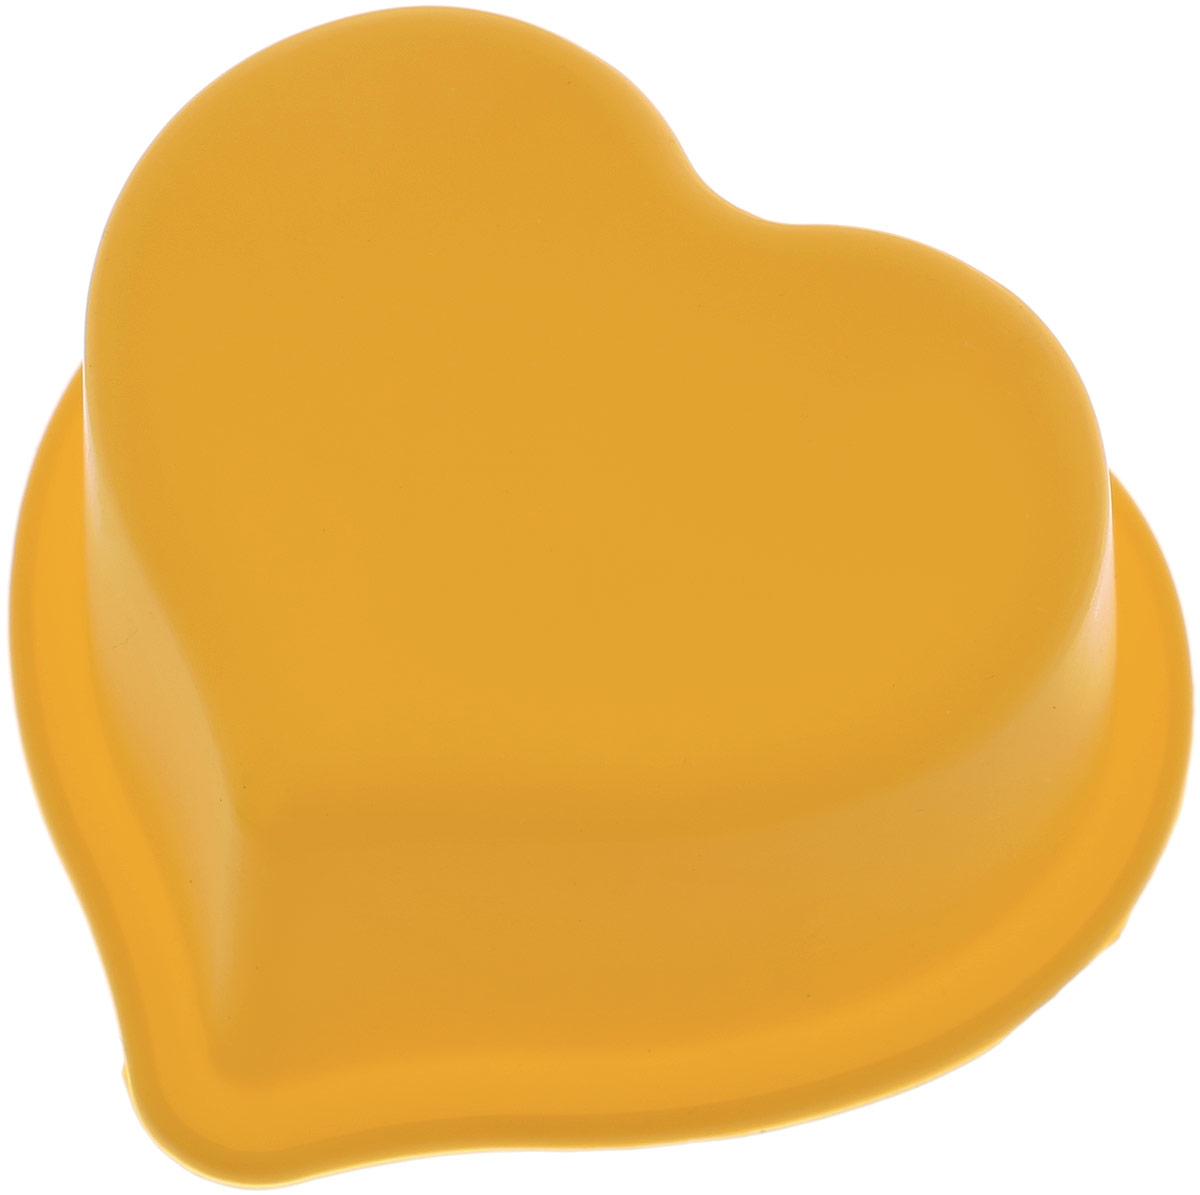 Форма для выпечки Доляна Сердечко, цвет: желтый, 8 см651930_желтыйФорма для выпечки из силикона - современное решение для практичных и радушных хозяек. Оригинальный предмет позволяет готовить в духовке любимые блюда из мяса, рыбы, птицы и овощей, а также вкуснейшую выпечку.Почему это изделие должно быть на кухне? - блюдо сохраняет нужную форму и легко отделяется от стенок после приготовления; - высокая термостойкость (от -40°C до 230°C) позволяет применять форму в духовых шкафах и морозильных камерах; - небольшая масса делает эксплуатацию предмета простой даже для хрупкой женщины; - силикон пригоден для посудомоечных машин; - высокопрочный материал делает форму долговечным инструментом; - при хранении предмет занимает мало места.Советы по использованию формы: Перед первым применением промойте предмет теплой водой. В процессе приготовления используйте кухонный инструмент из дерева, пластика или силикона. Перед извлечением блюда из силиконовой формы дайте ему немного остыть, осторожно отогните края предмета.Готовьте с удовольствием! Как выбрать форму для выпечки – статья на OZON Гид.